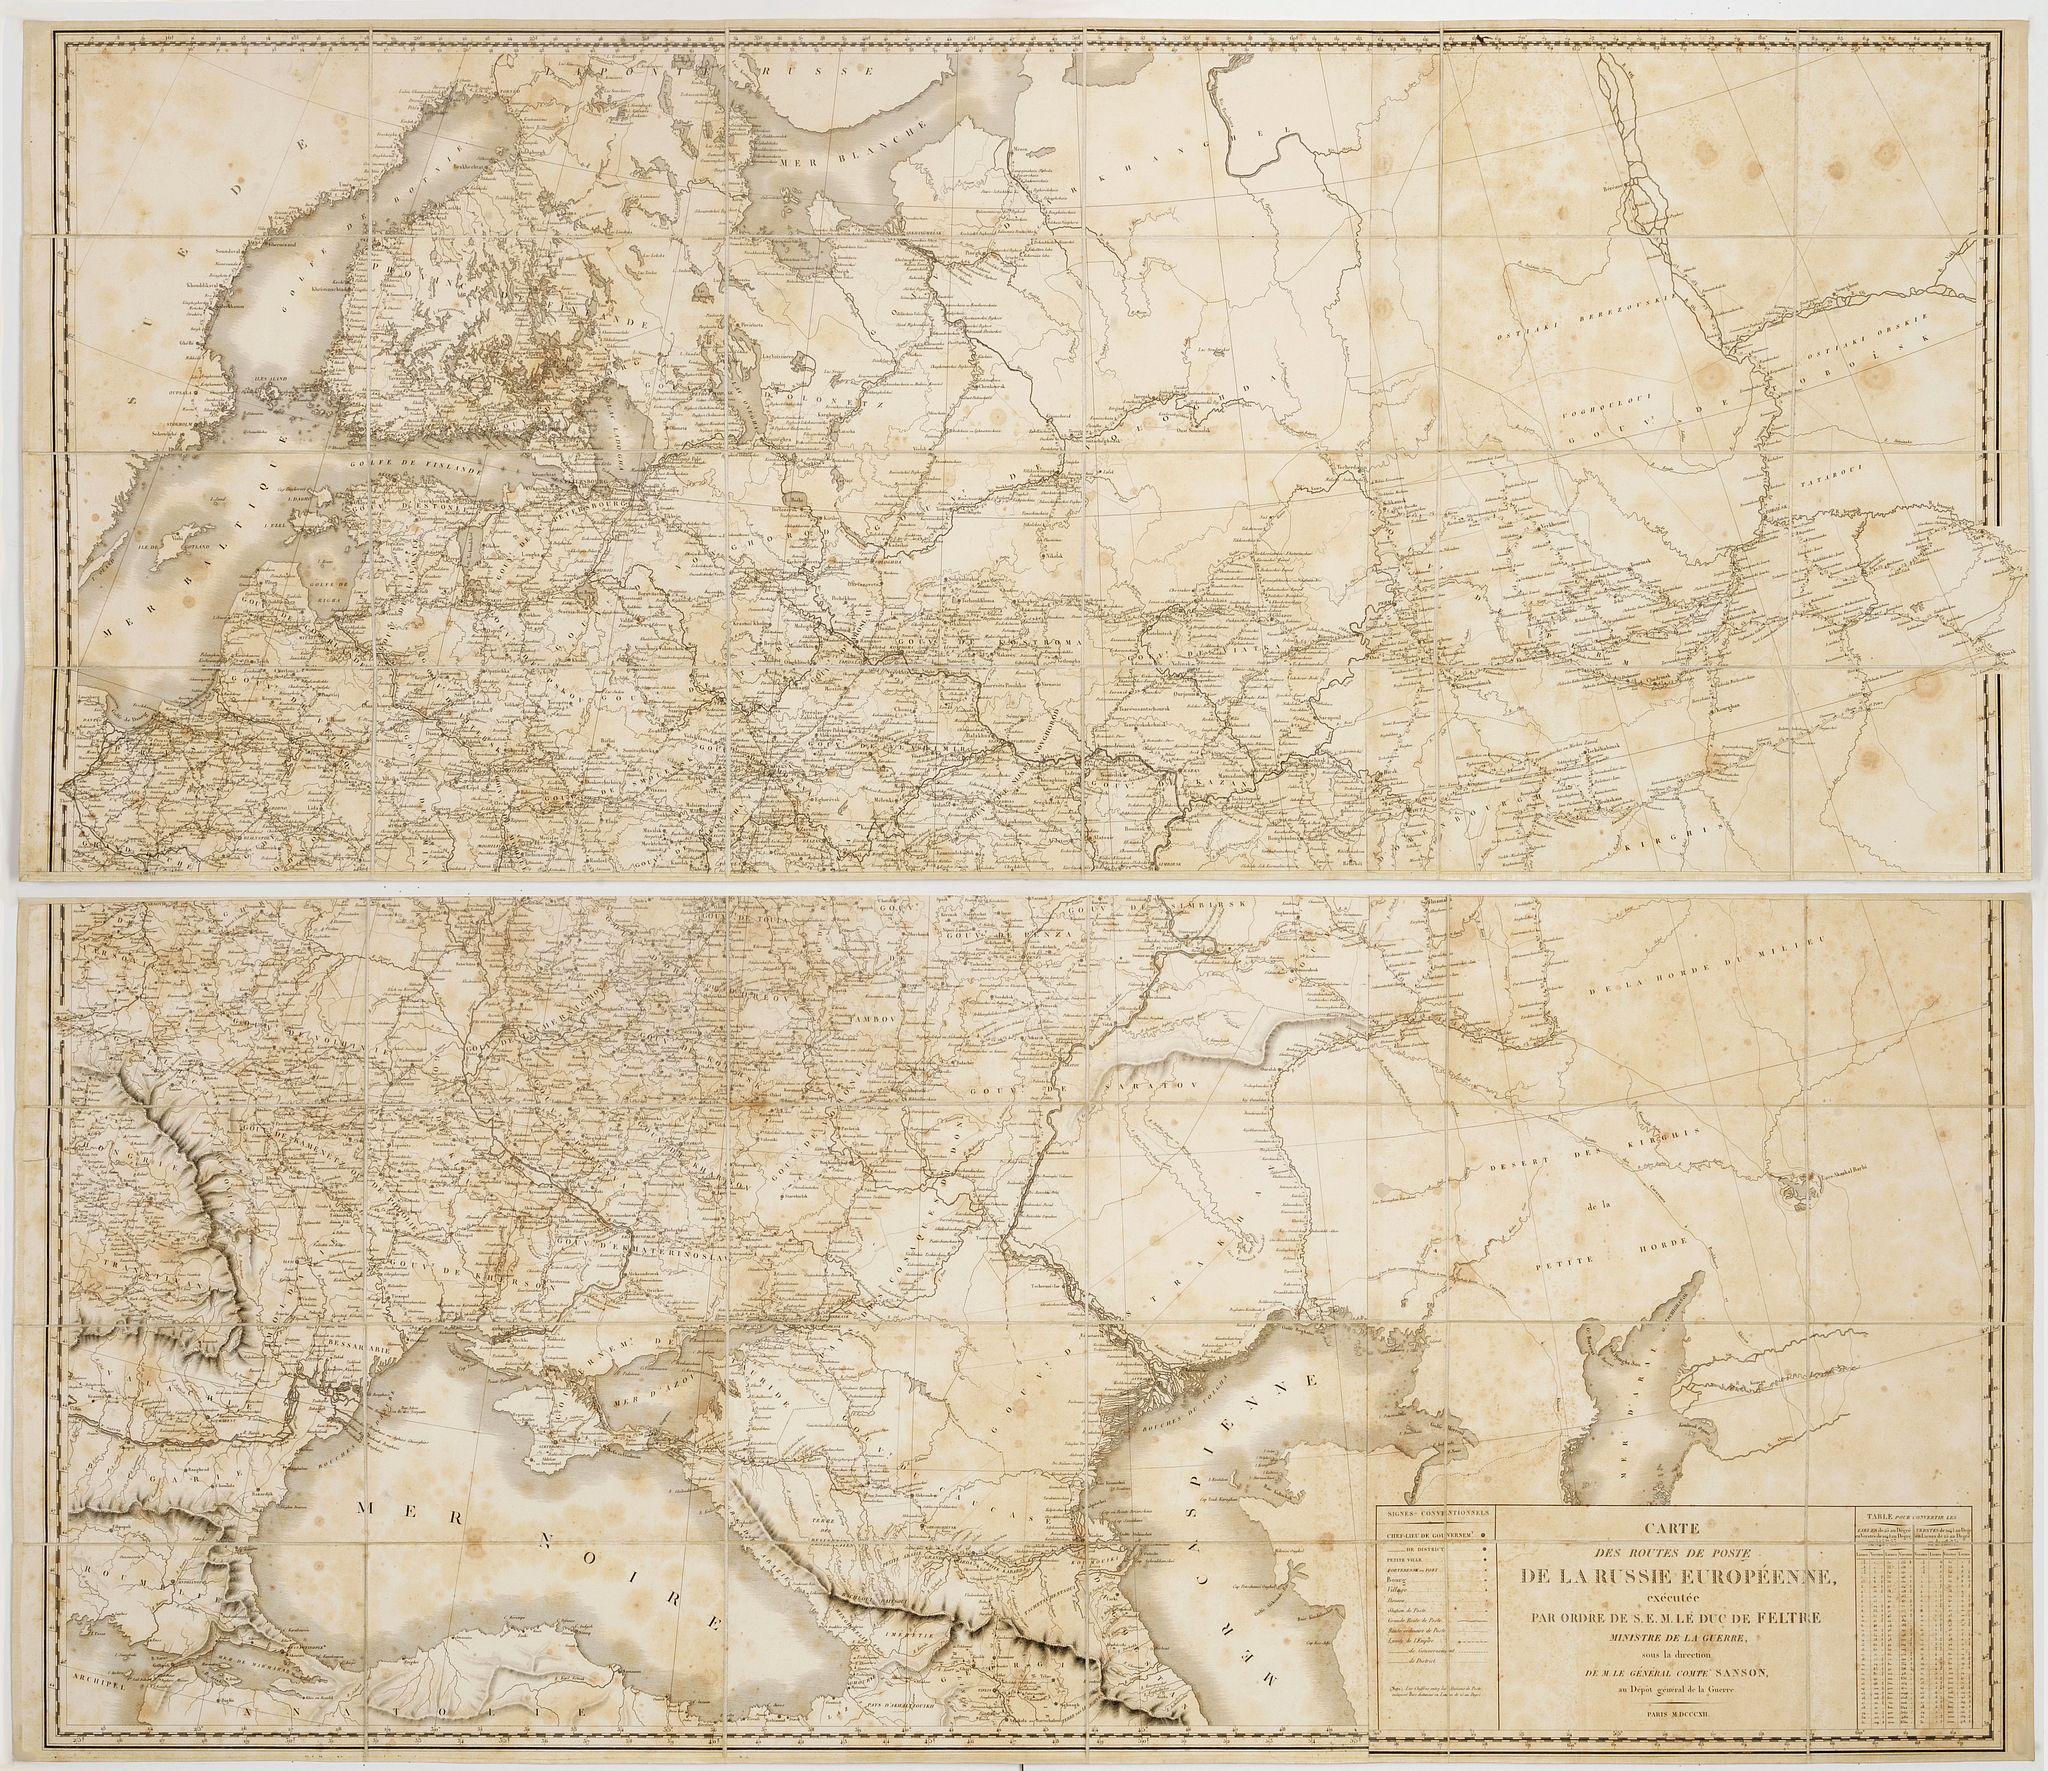 SANSON (Nicolas Antoine, comte) -  Carte des routes de poste de la Russie européenne, exécutée par ordre de S.E.M. le duc de Feltre ministre de la Guerre, sous la direction de M. le général comte Sanson.